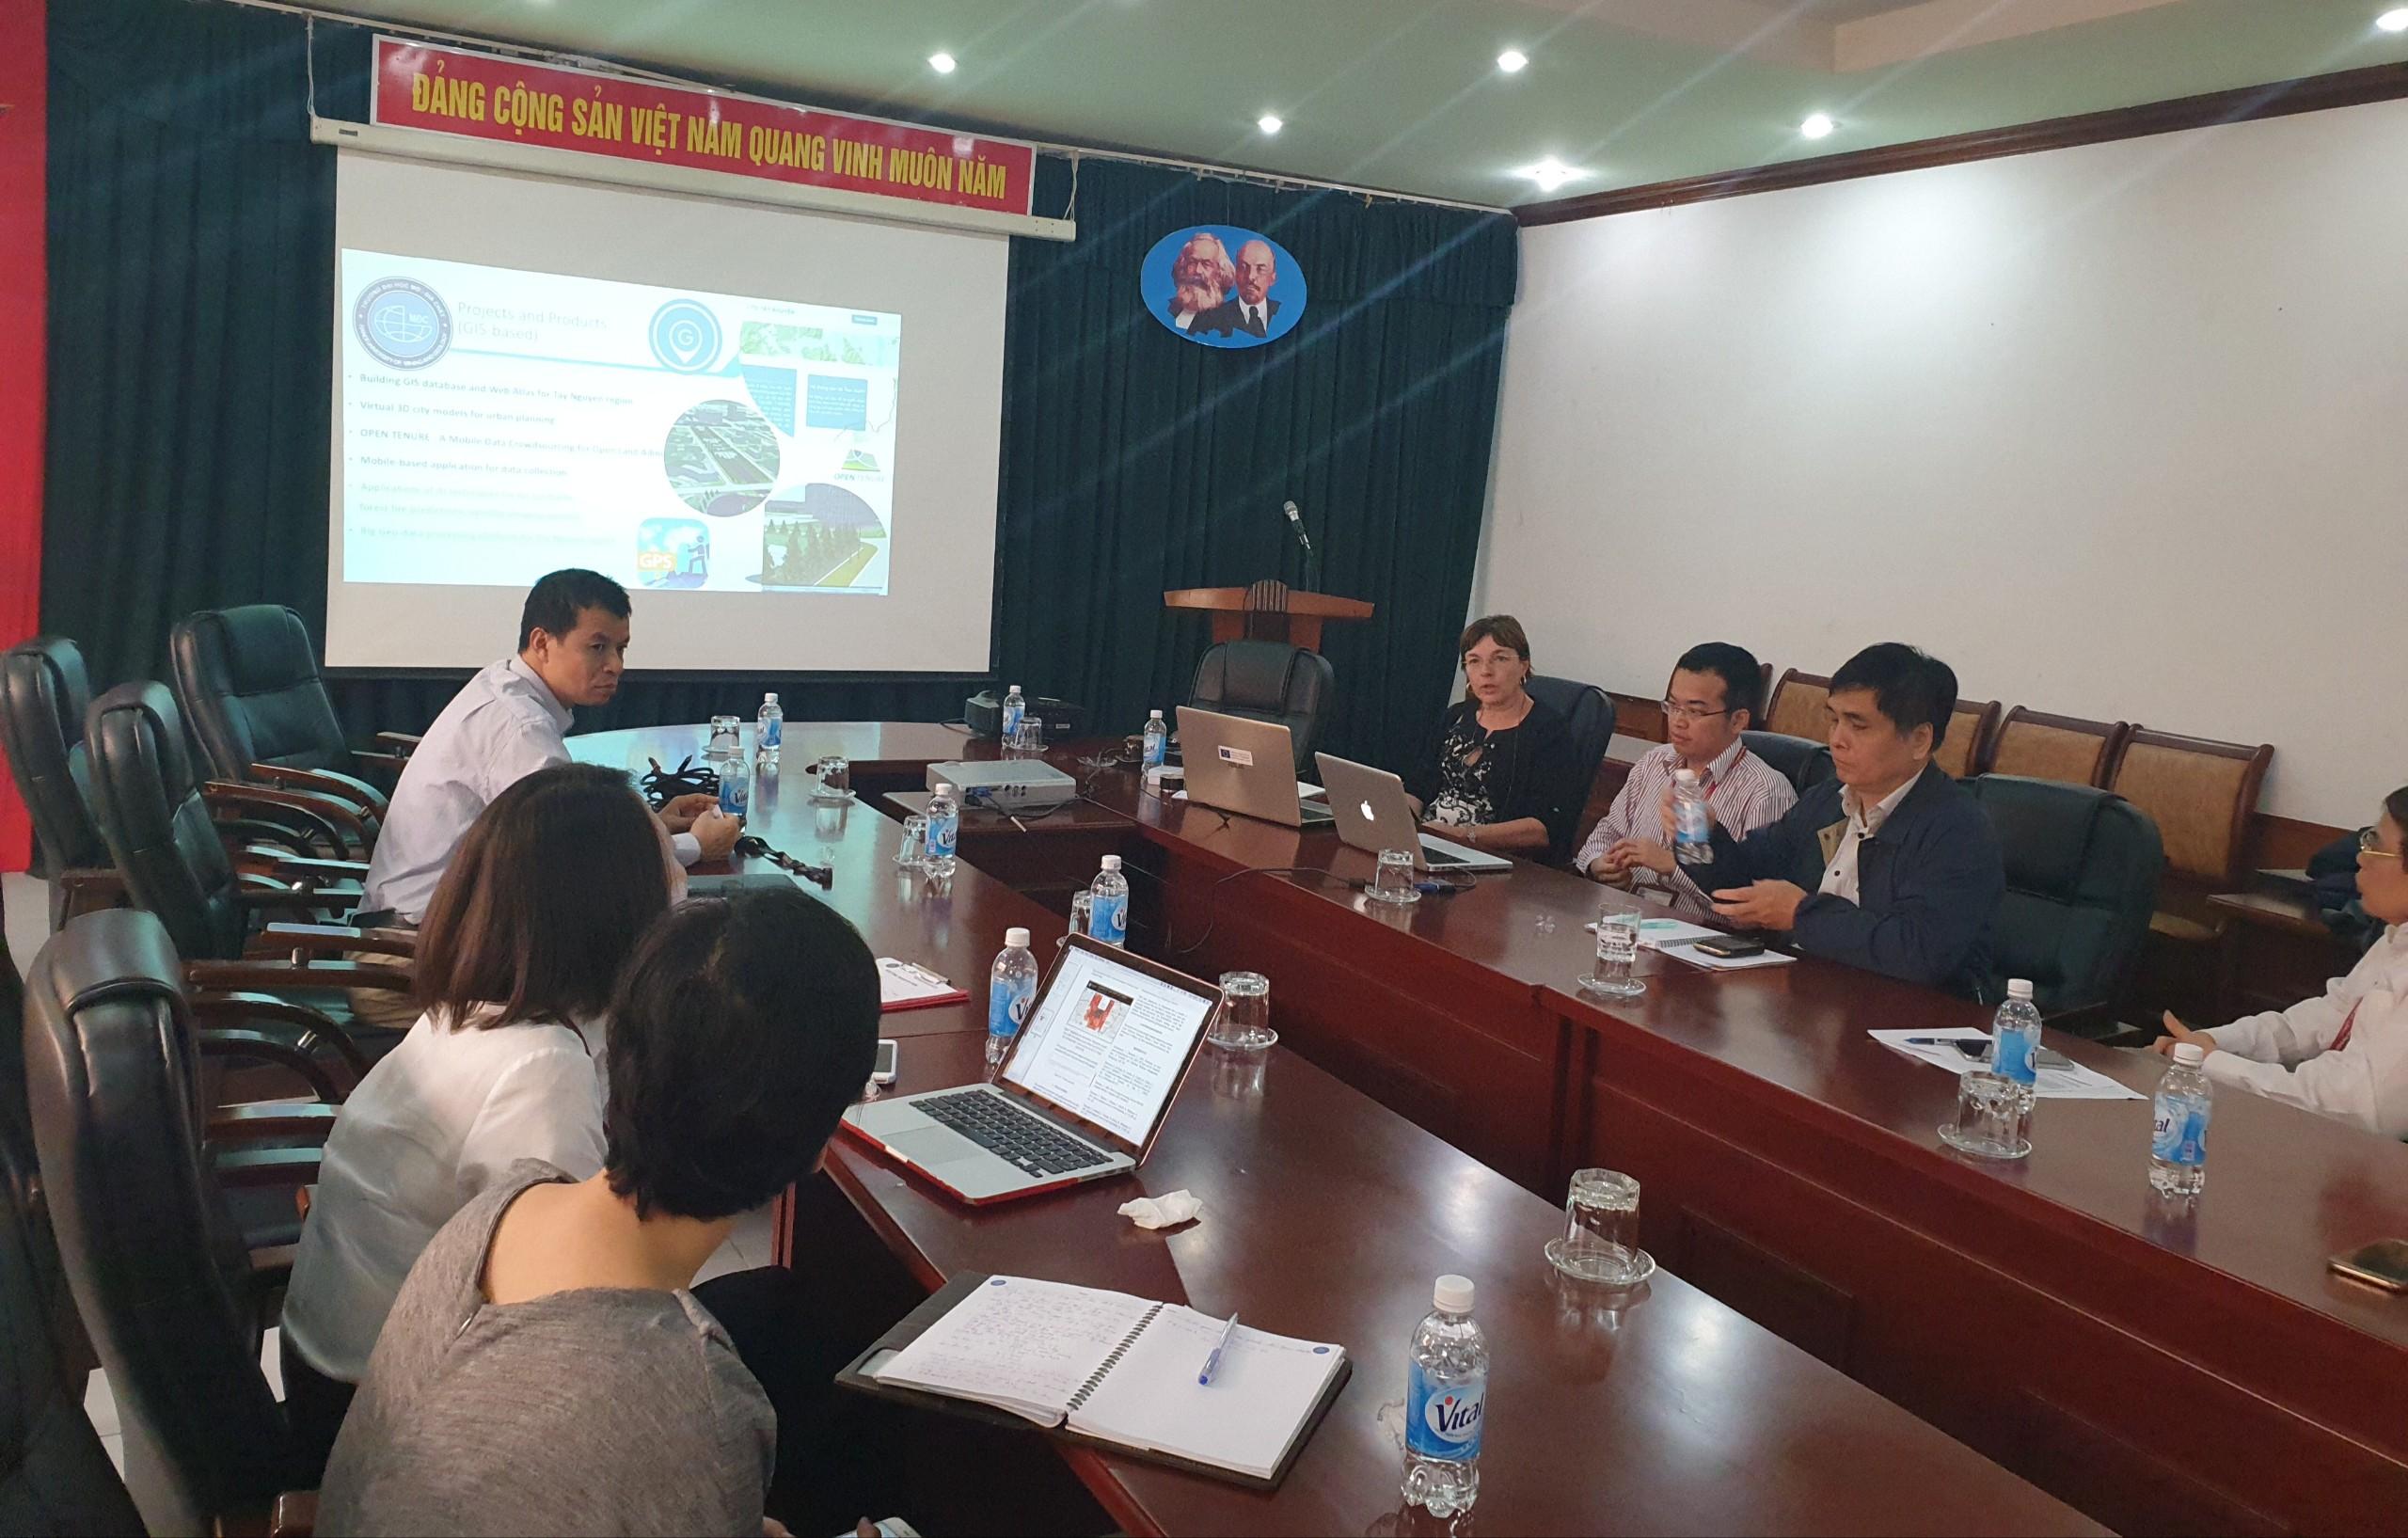 Hội thảo hợp tác về đào tạo và nghiên cứu khoa học trong lĩnh vực Địa tin học với ĐH Bách khoa Milan